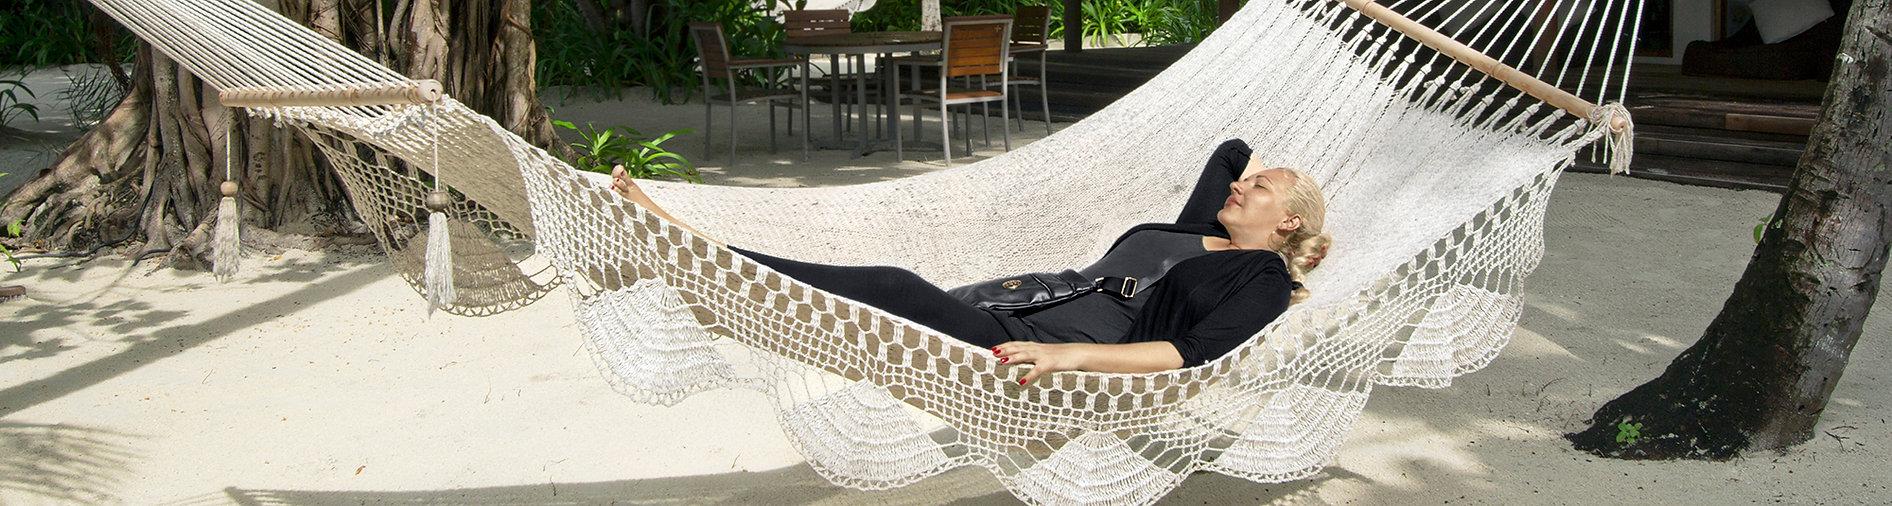 Lucie Mohelníková, Huvafen Fushi, Maledivy